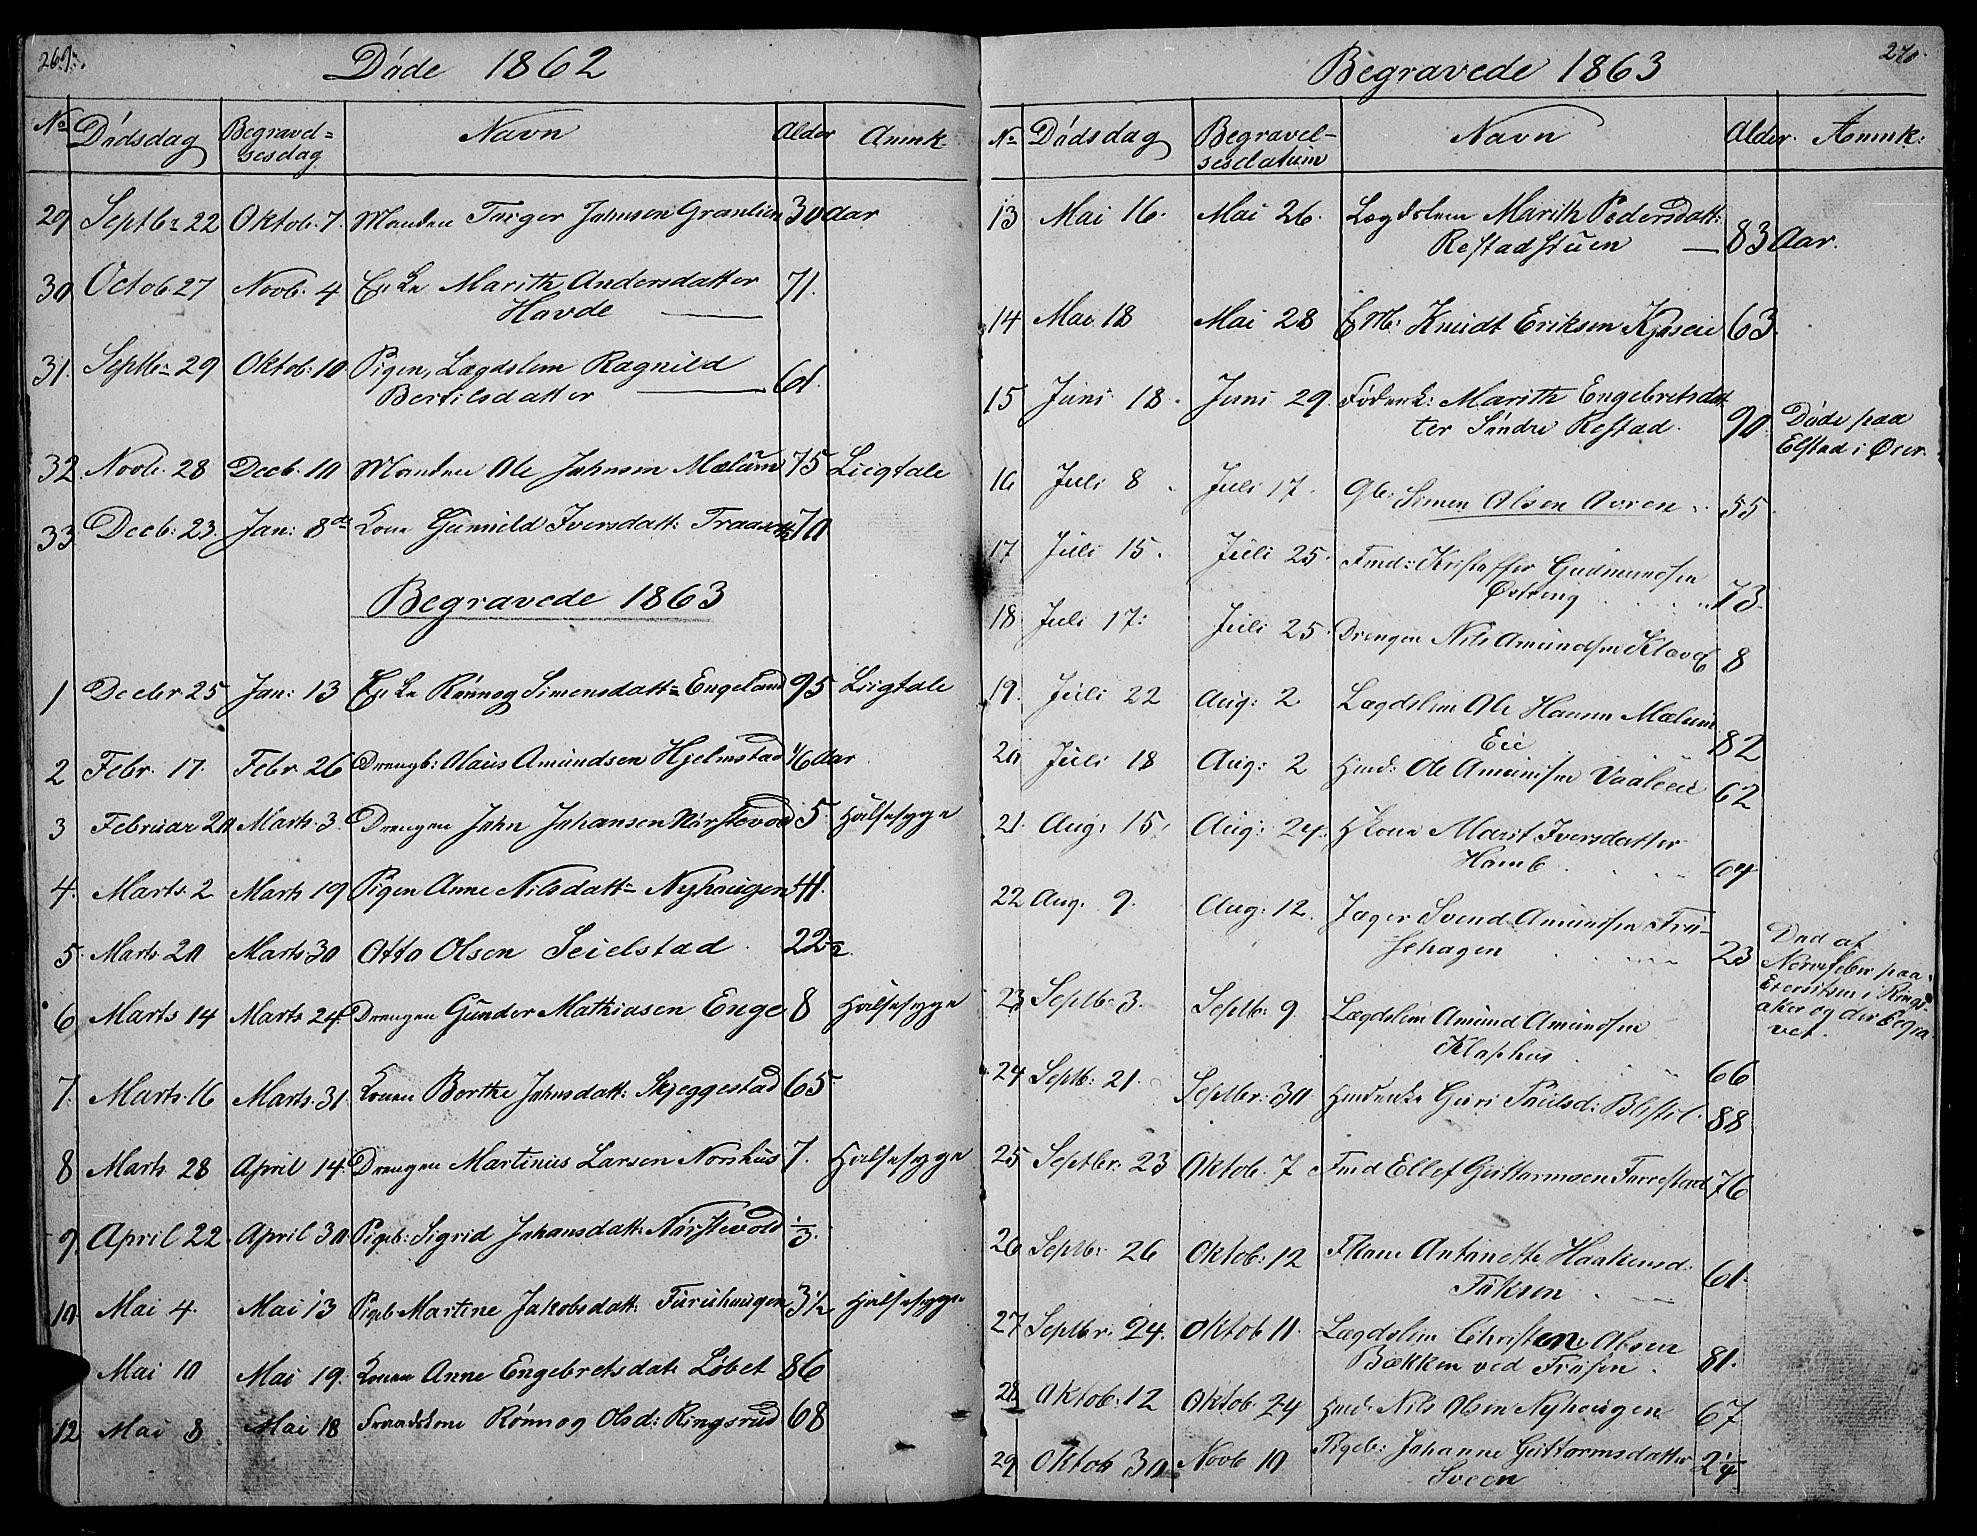 SAH, Gausdal prestekontor, Klokkerbok nr. 3, 1829-1864, s. 269-270